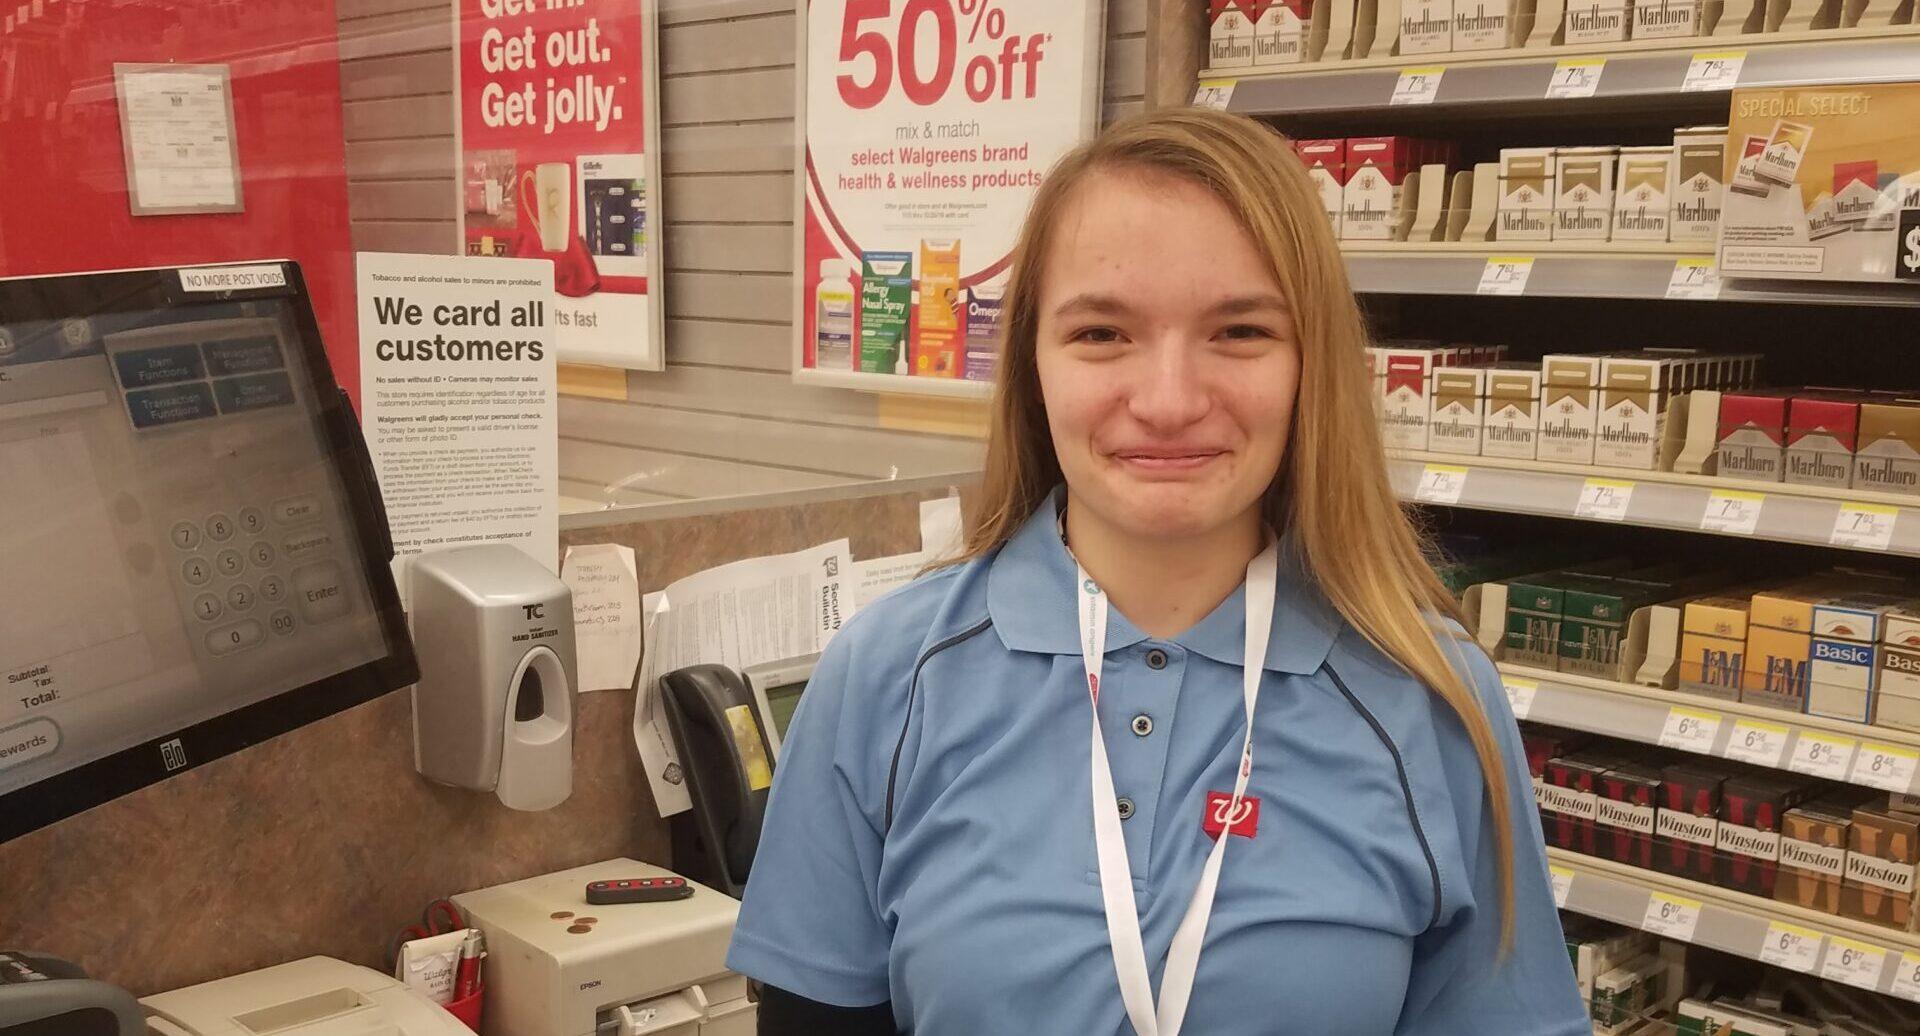 person smiling at camera behind cash register at Walgreens